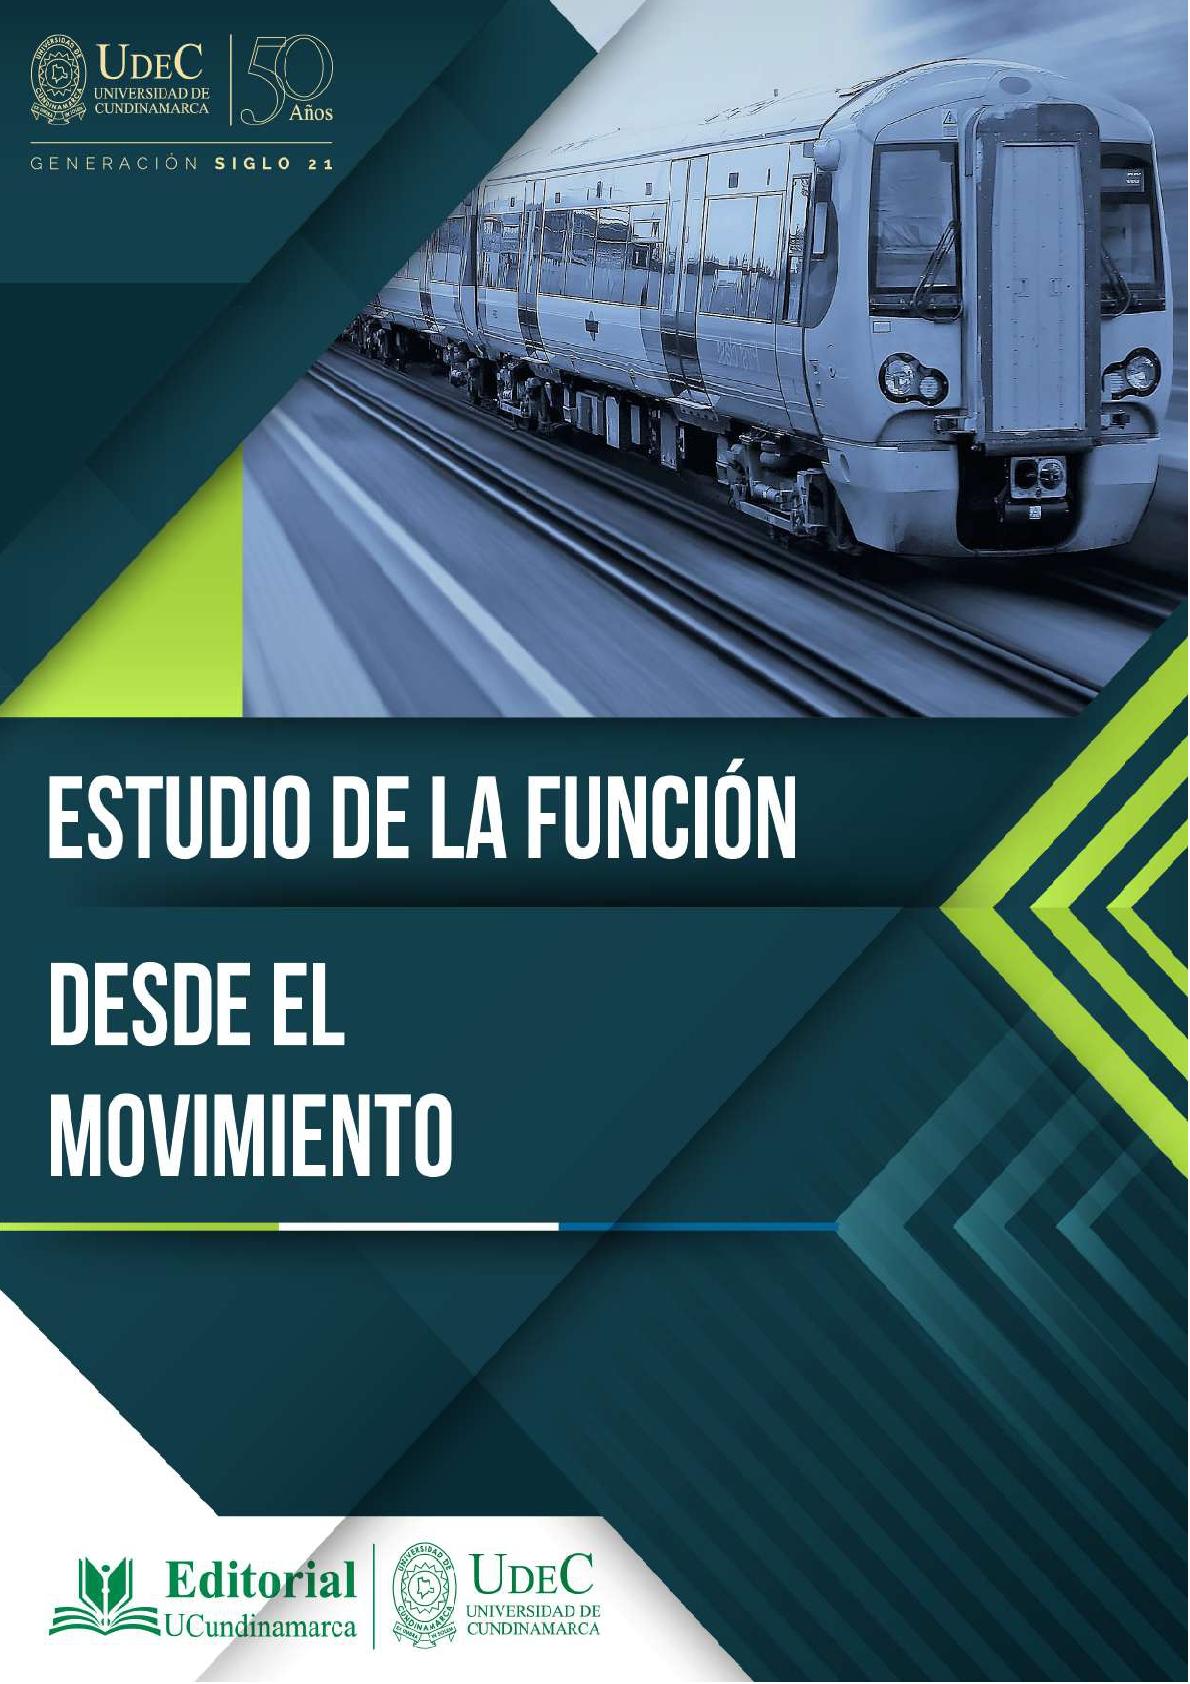 El estudio de la función desde el movimiento